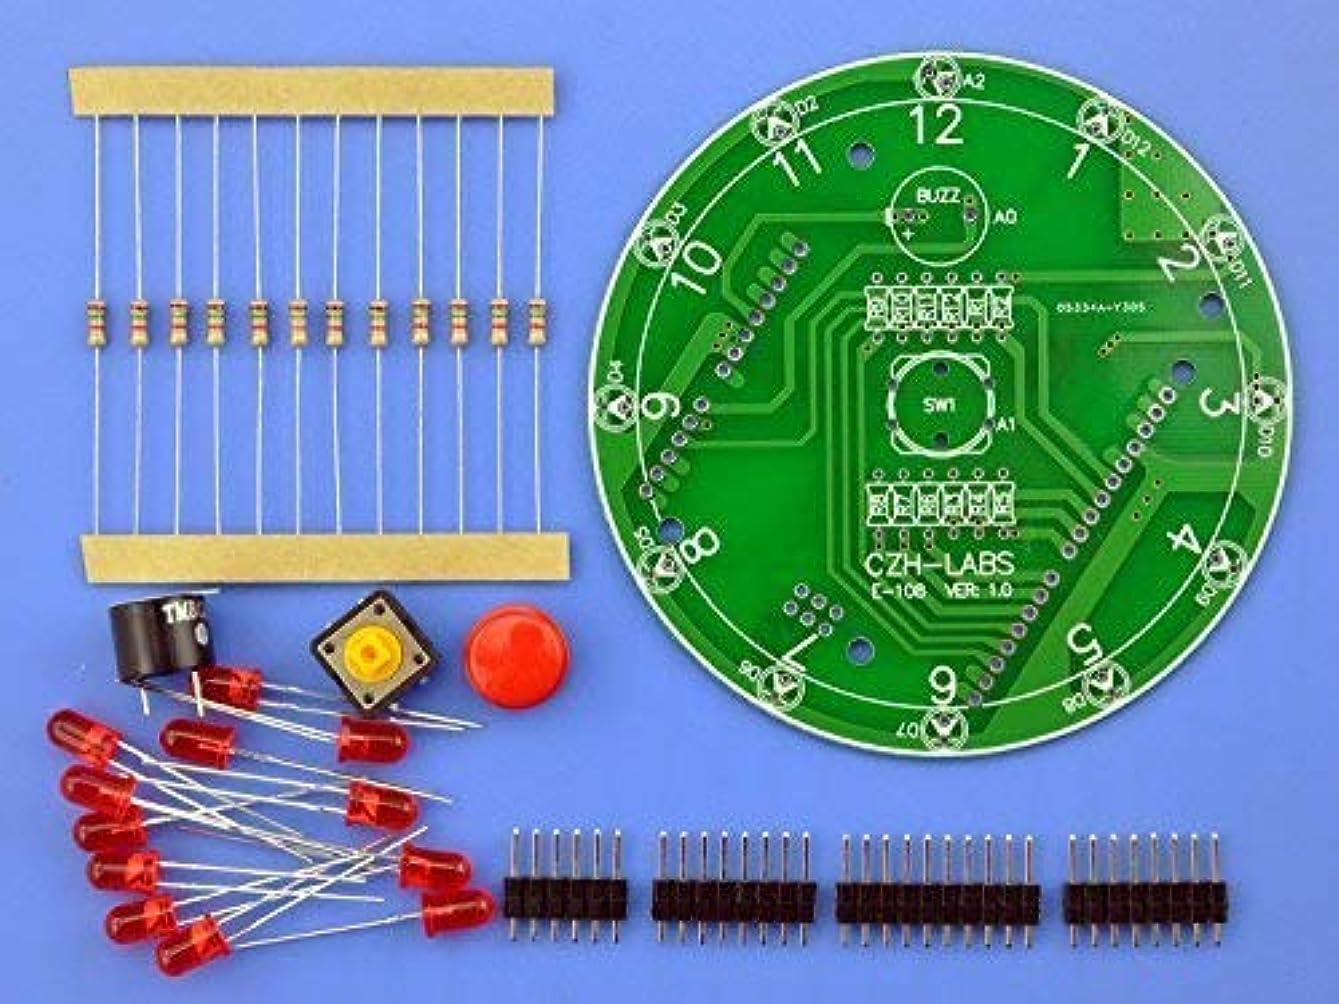 墓地キャンプマーケティングCZH-LABS elecronics-サロン12位 Arduino UNO R3用 電子ラッキーロータリーボードキット主導しました